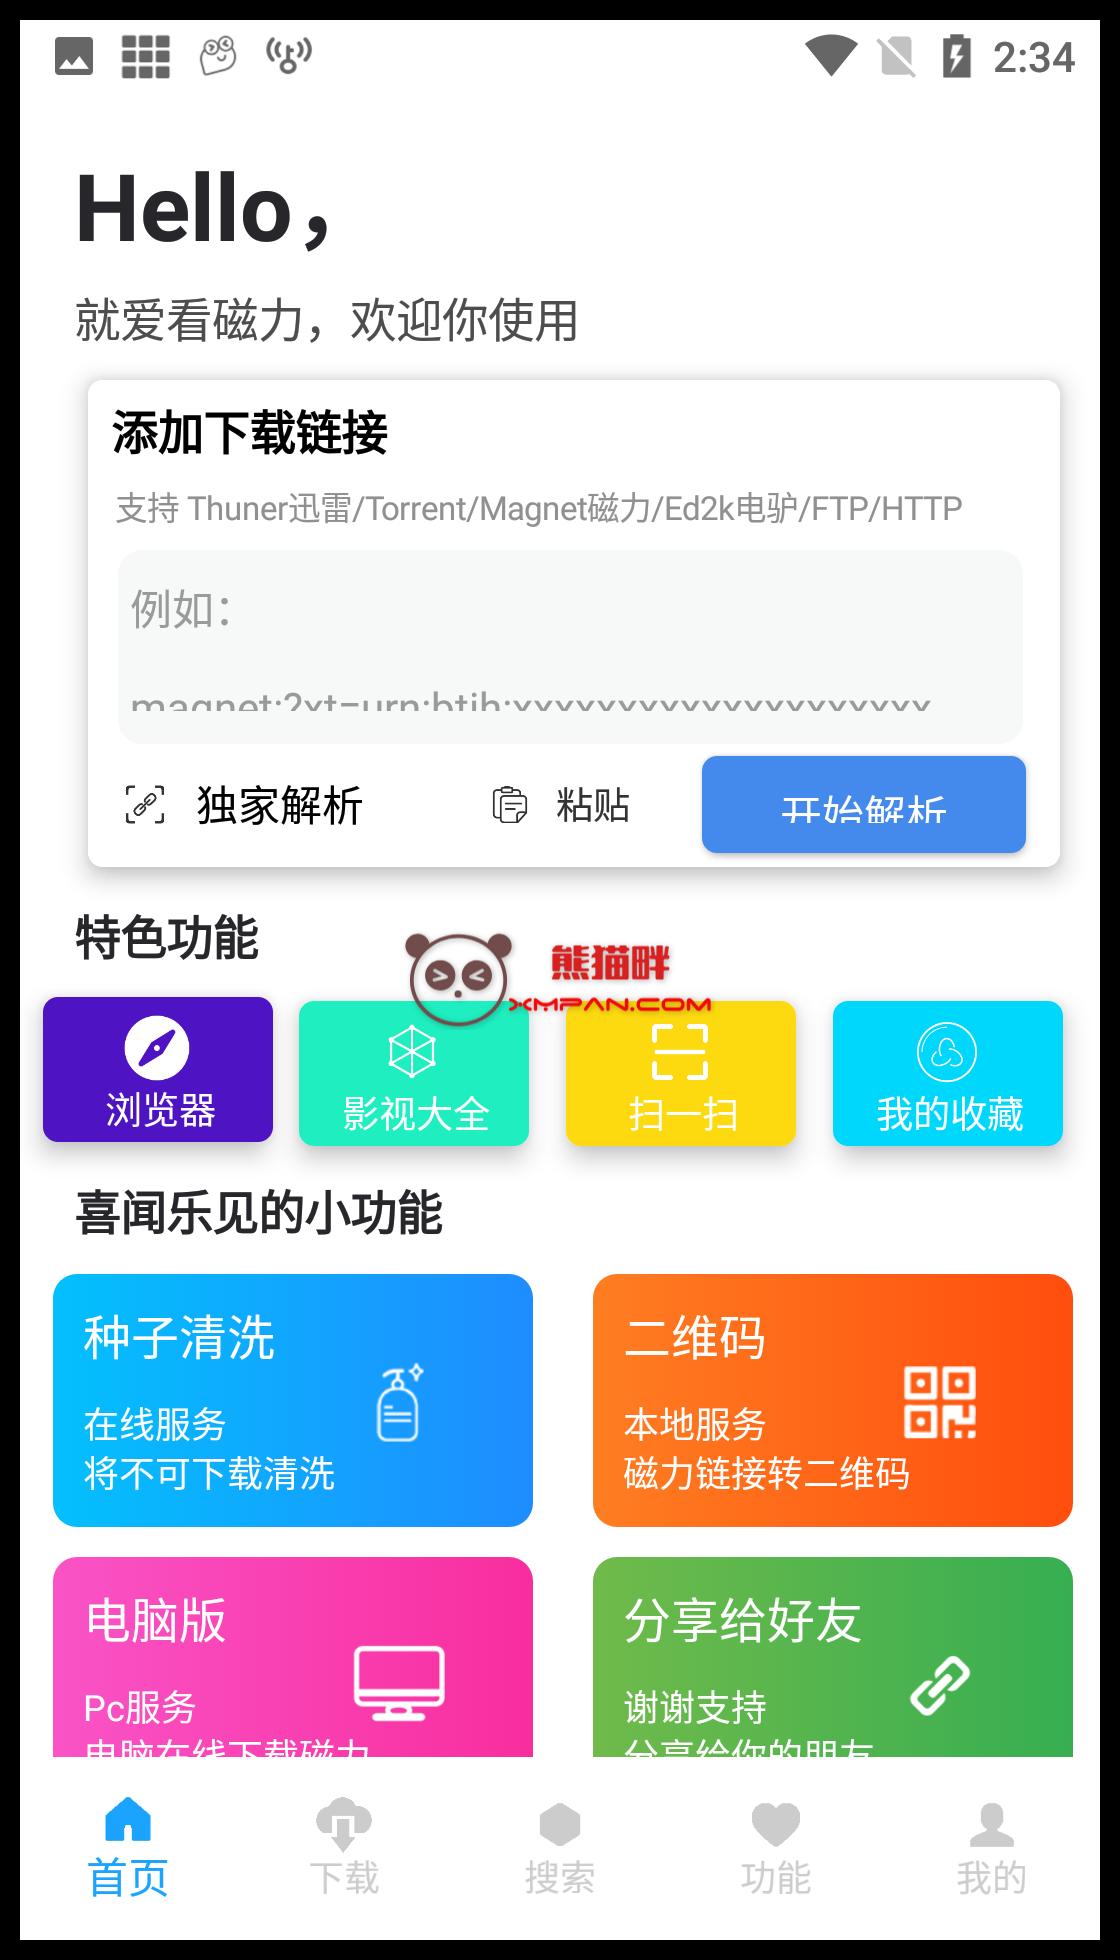 Android 就爱看磁力 v1.3.1 破解版